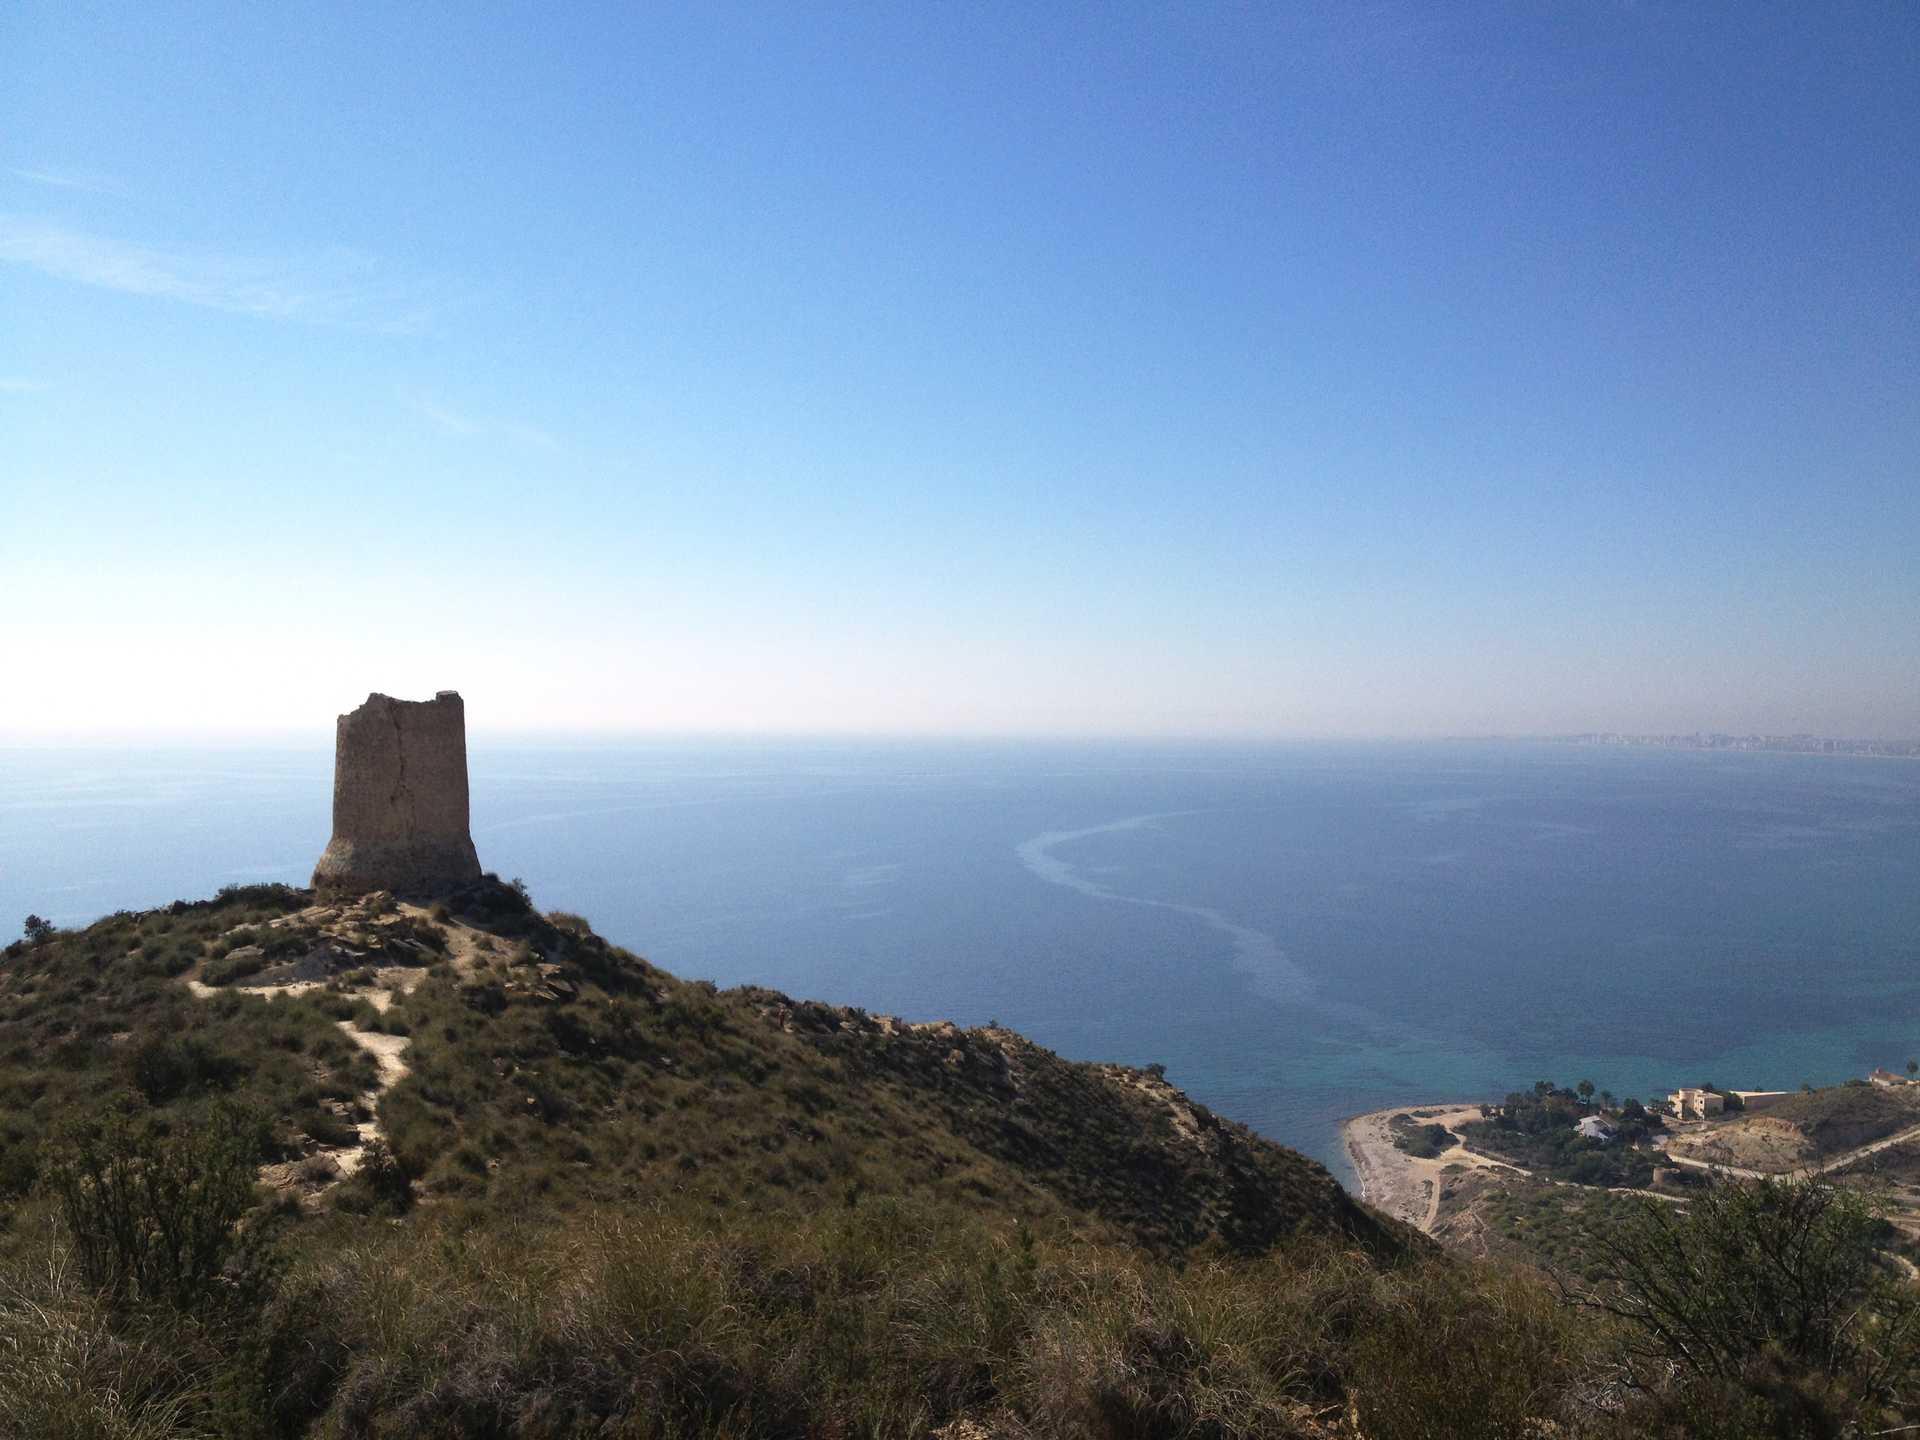 Torre de LLoma de Reixes o Barranc d'Aigües